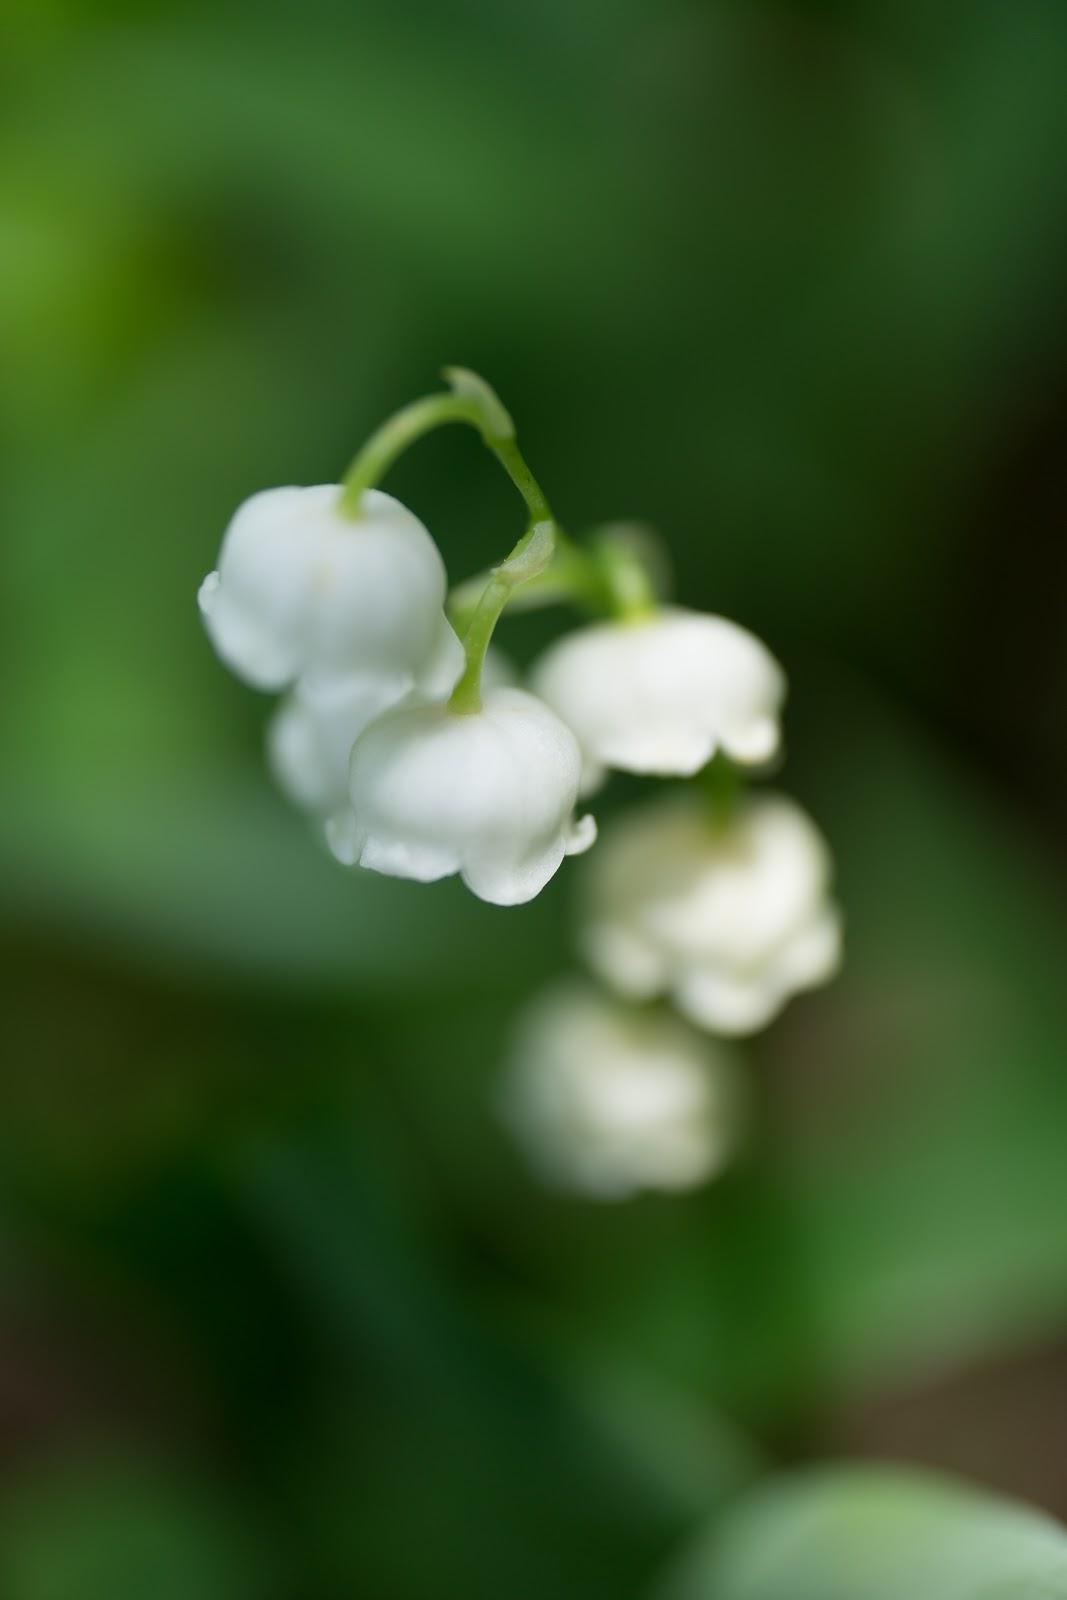 日陰に咲いた鈴蘭の花